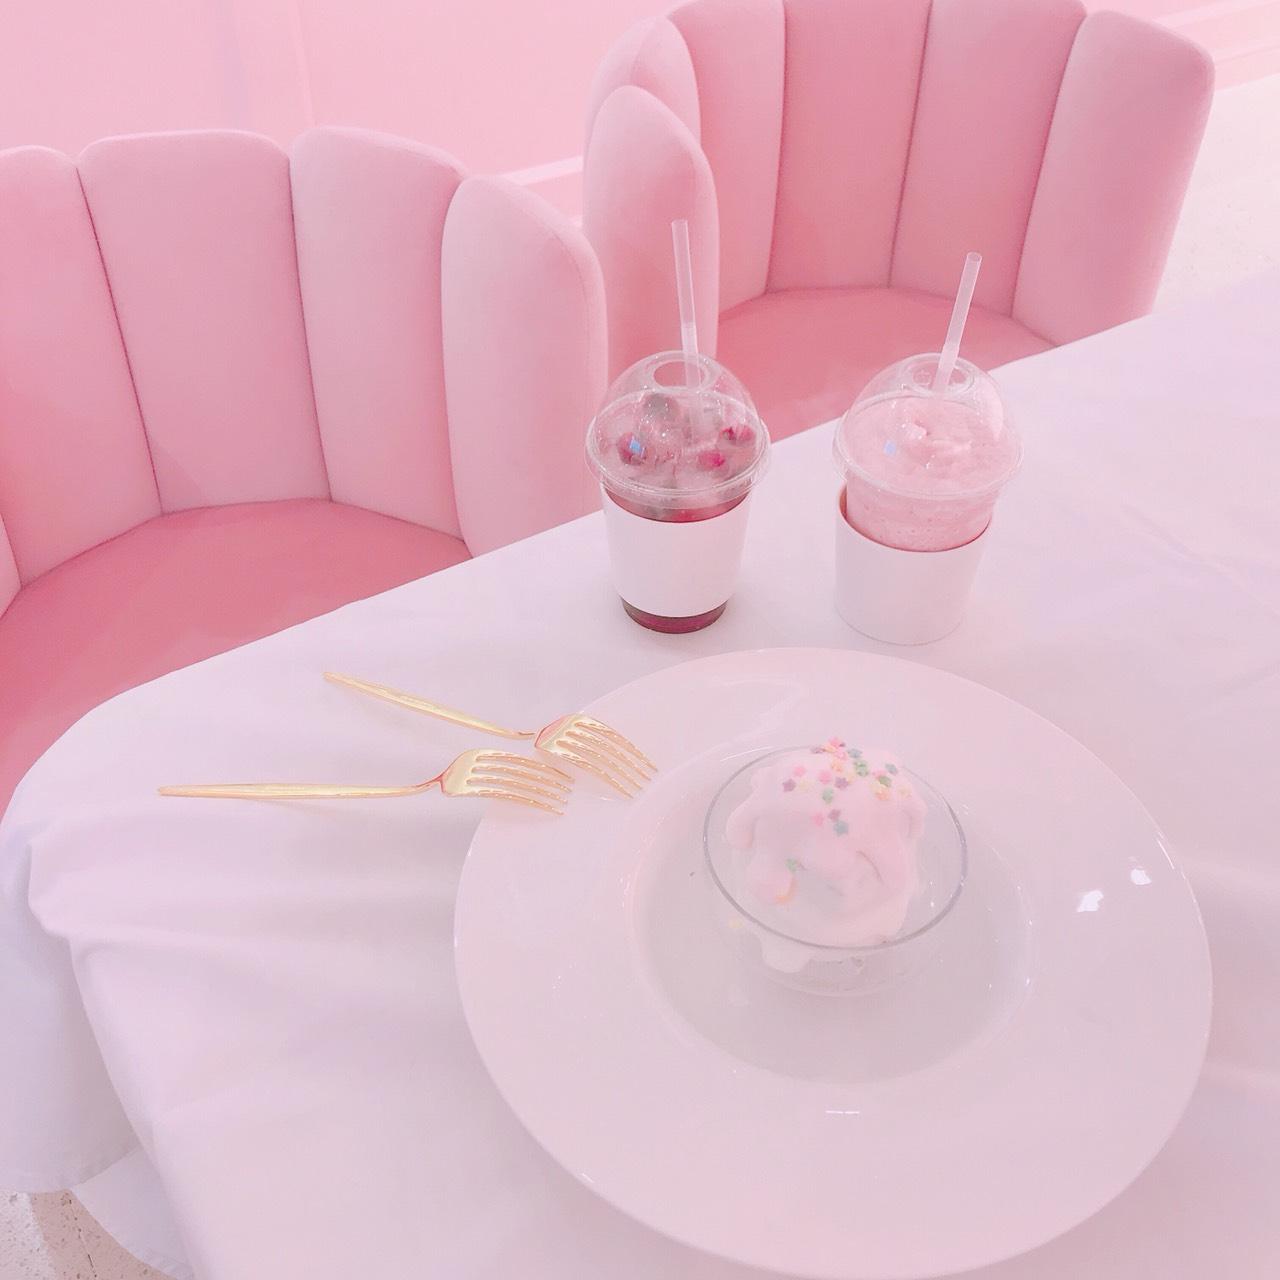 韓国マニアが厳選 人気のピンクカフェ最新情報をお届け ローリエプレス